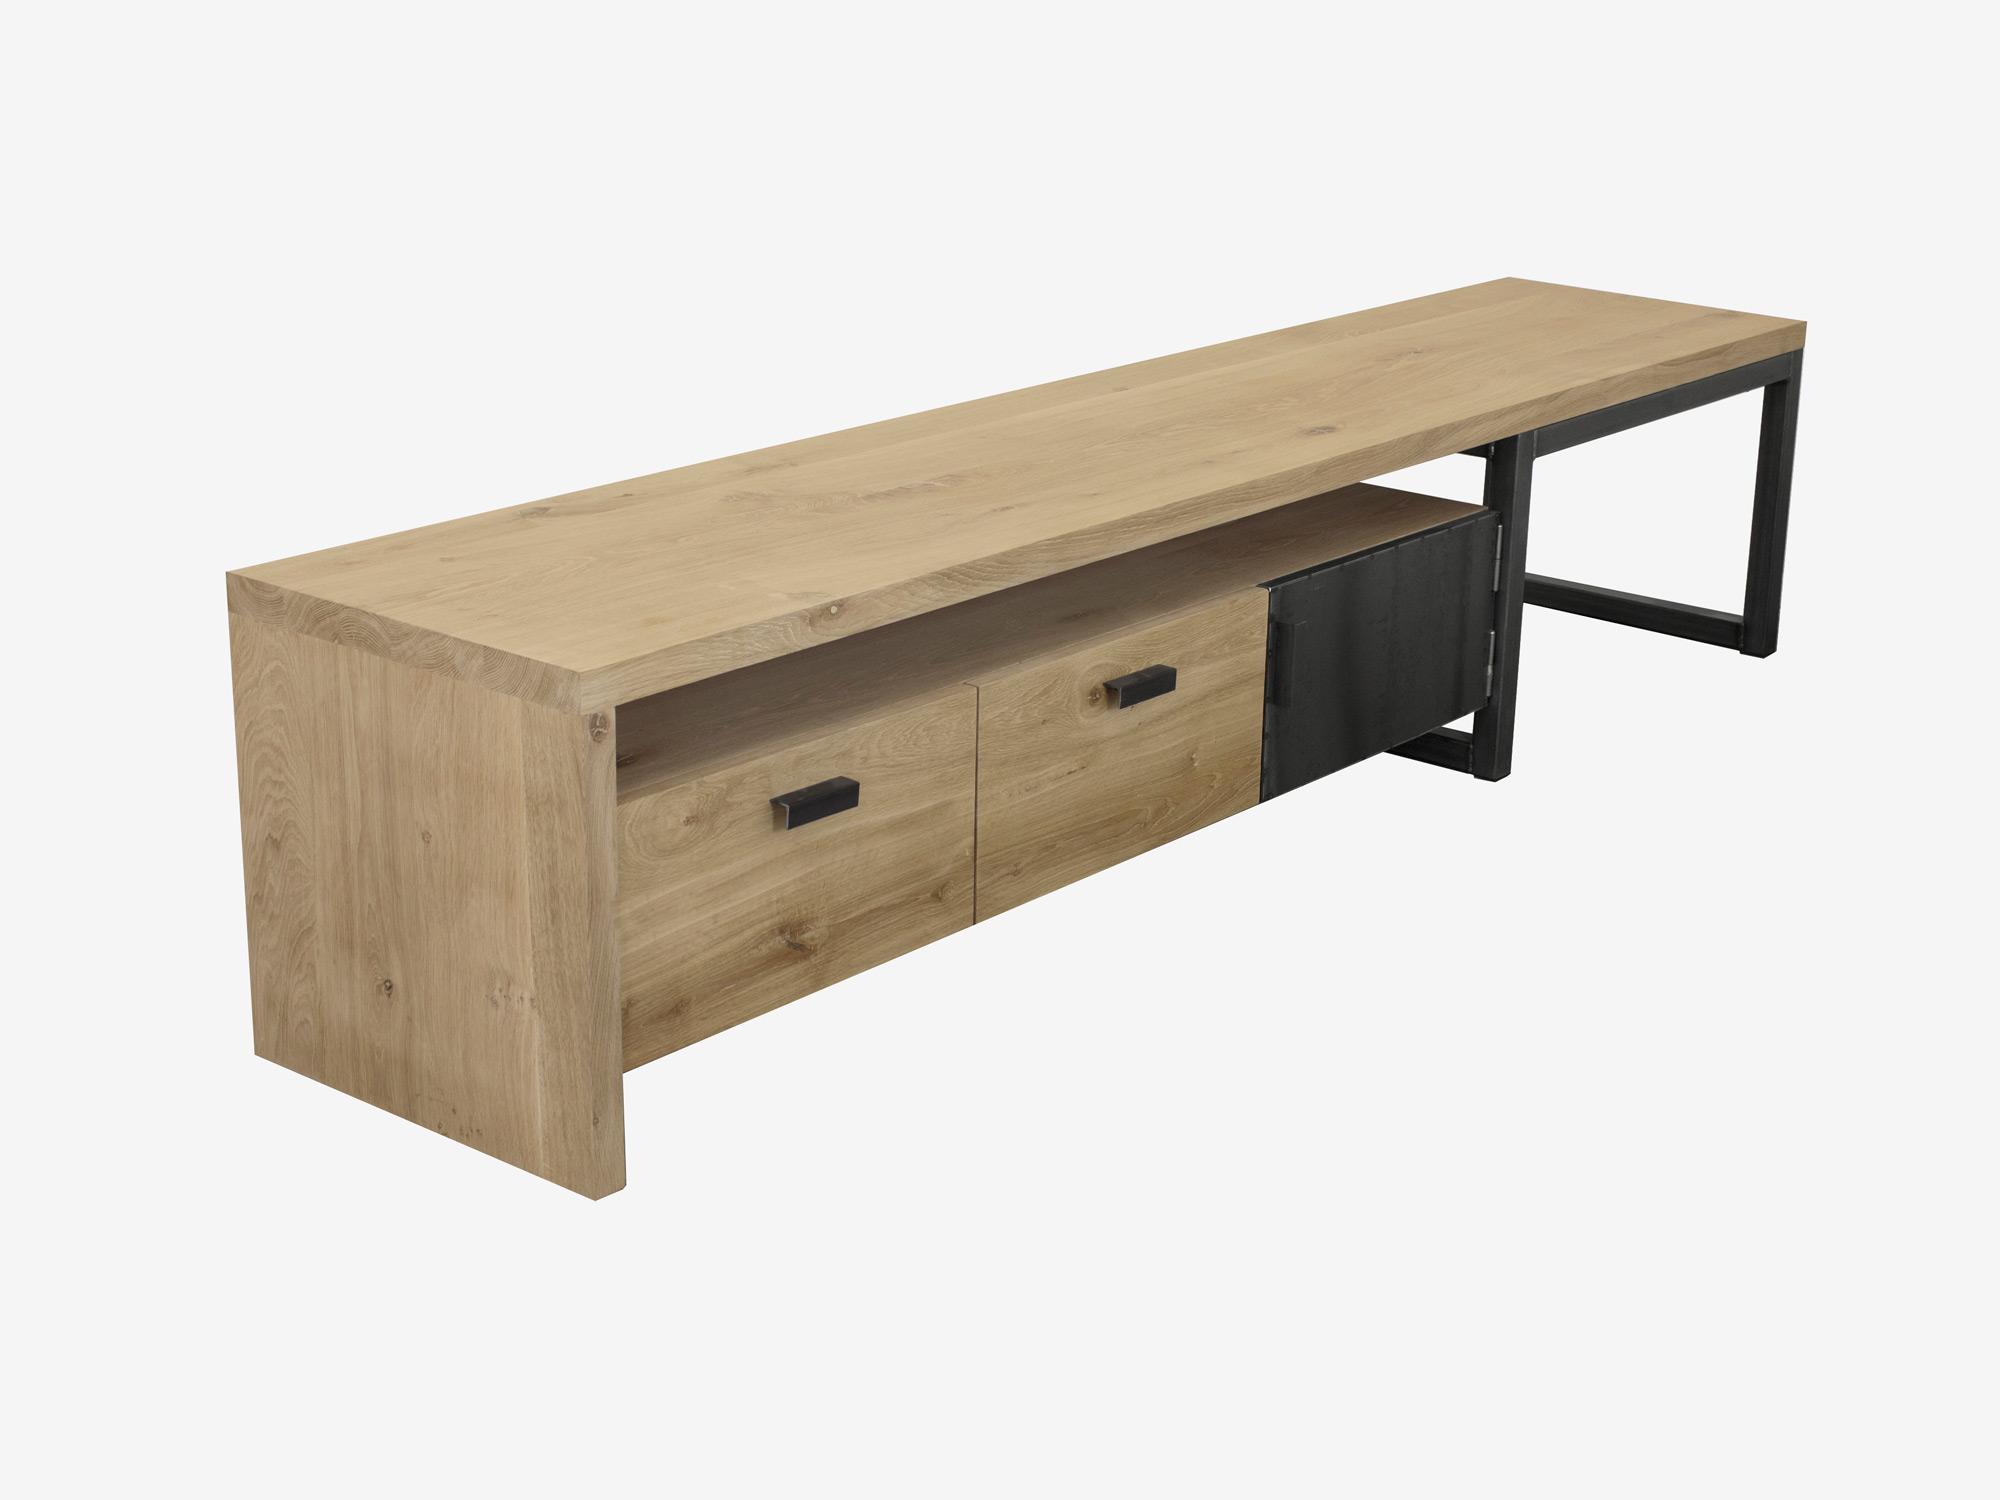 Tv meubel kaspar eikenhout fØrn maatwerk meubelen